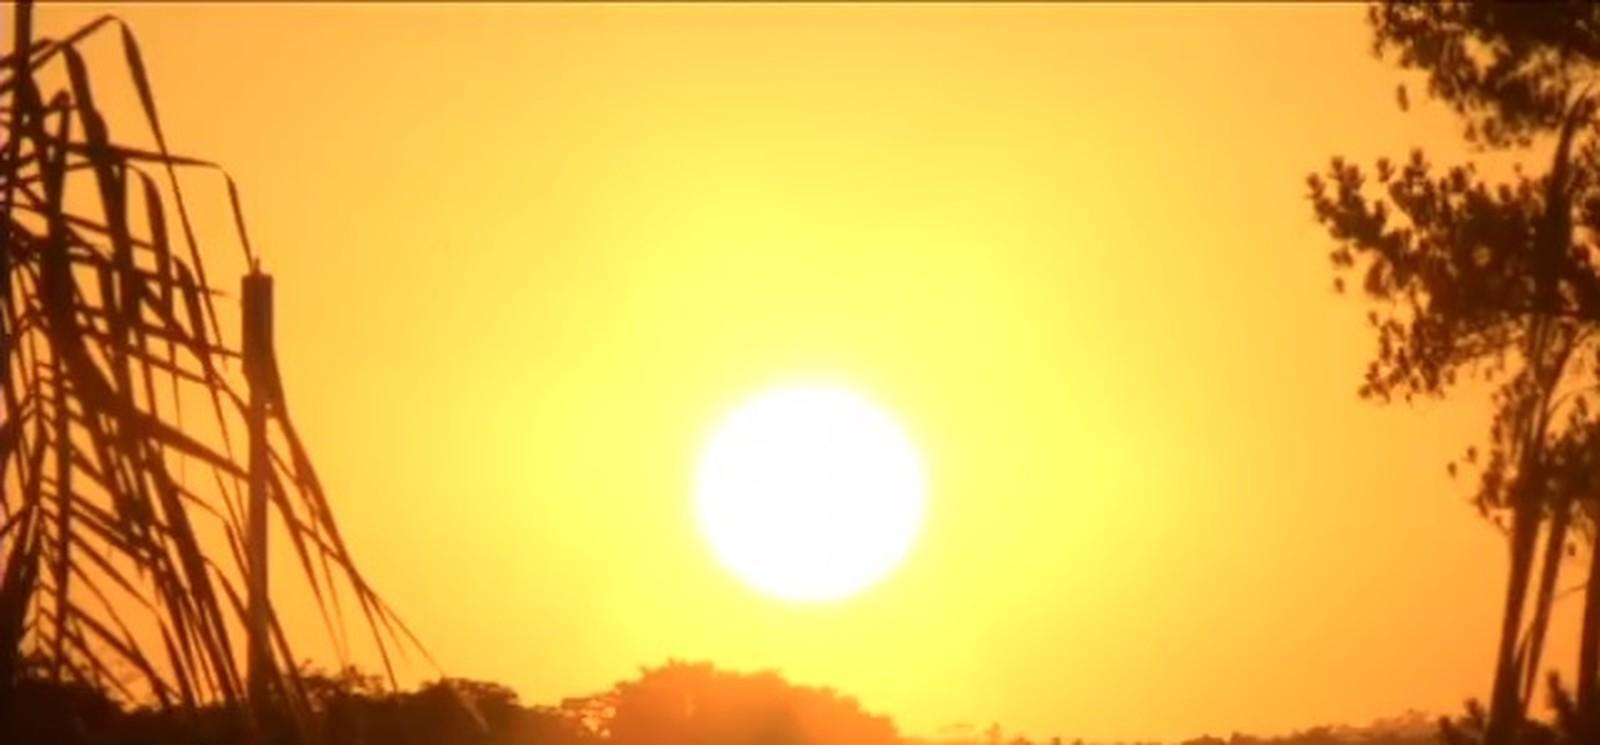 Piauí terá temperaturas acima das médias históricas, diz Inmet - Imagem 1